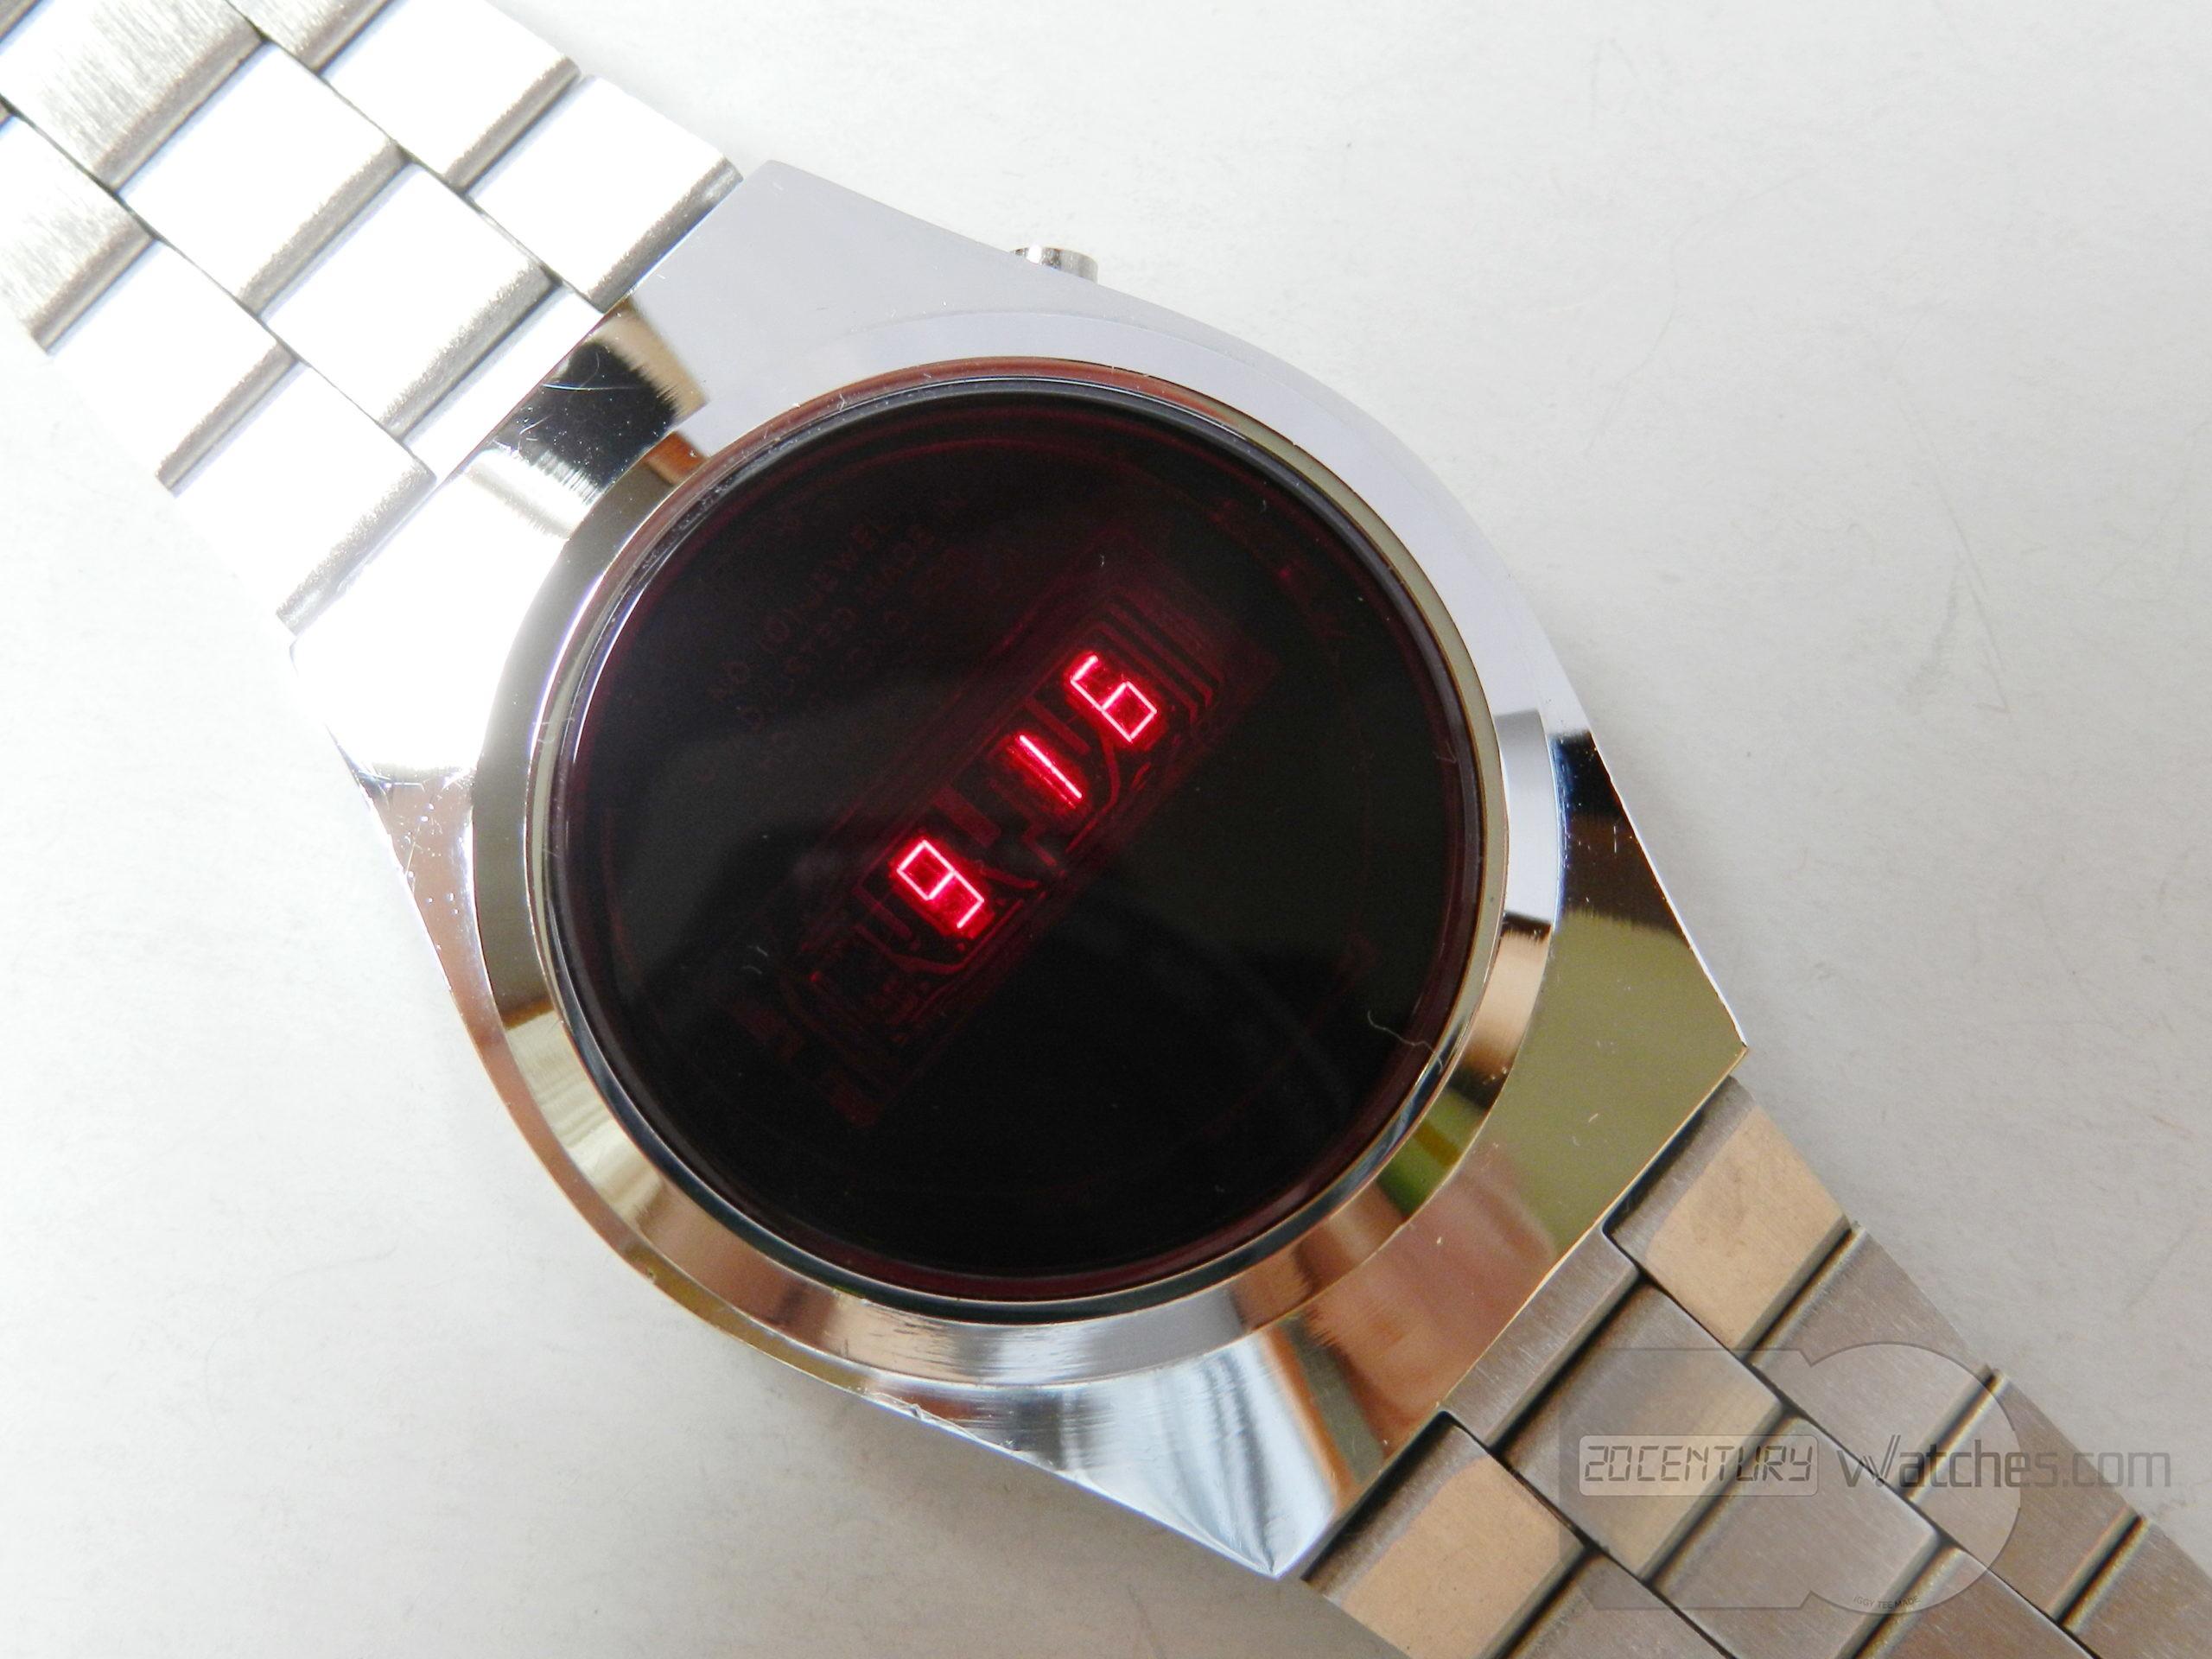 Lambda LED watch